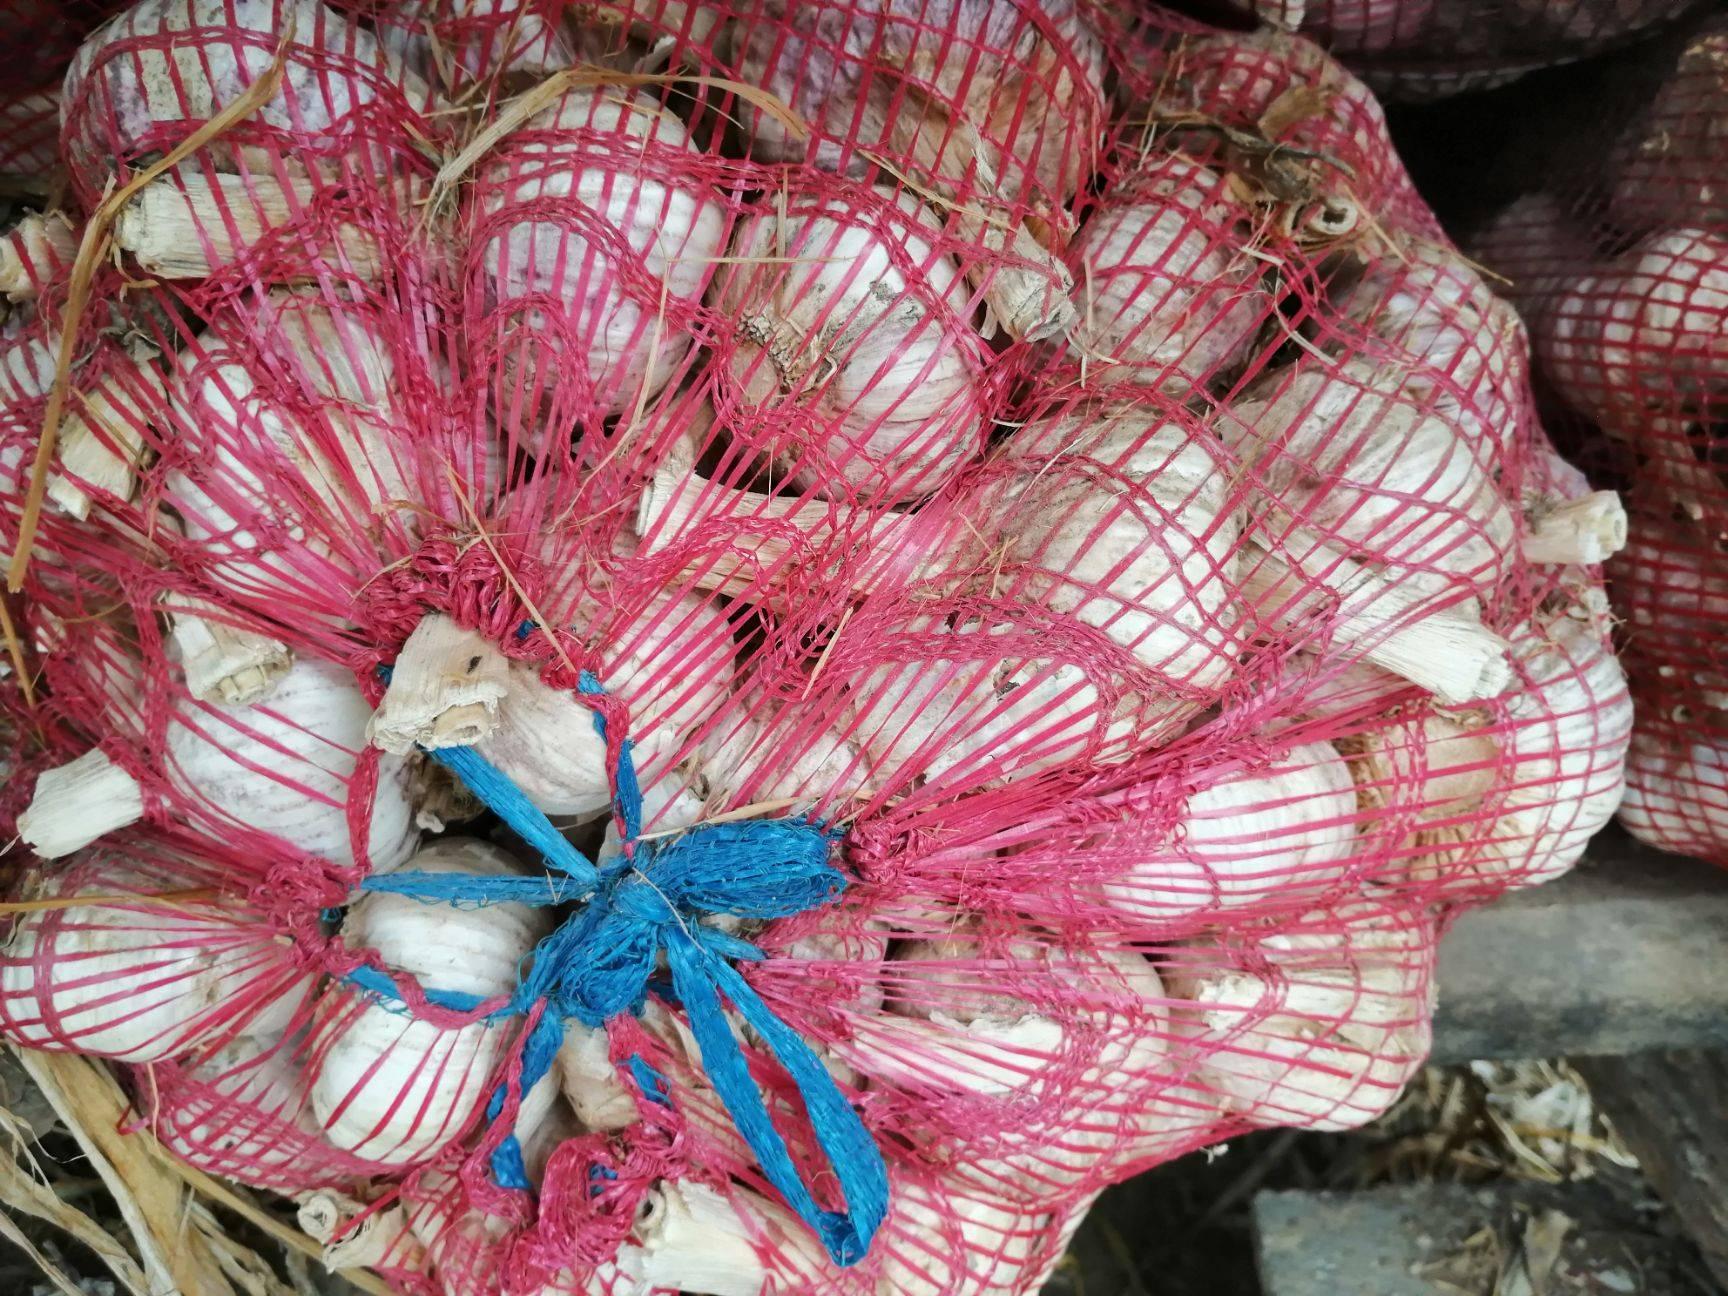 太空2号大蒜 太空2号早熟蒜,5—6公分大混级紫红杂交蒜蒜